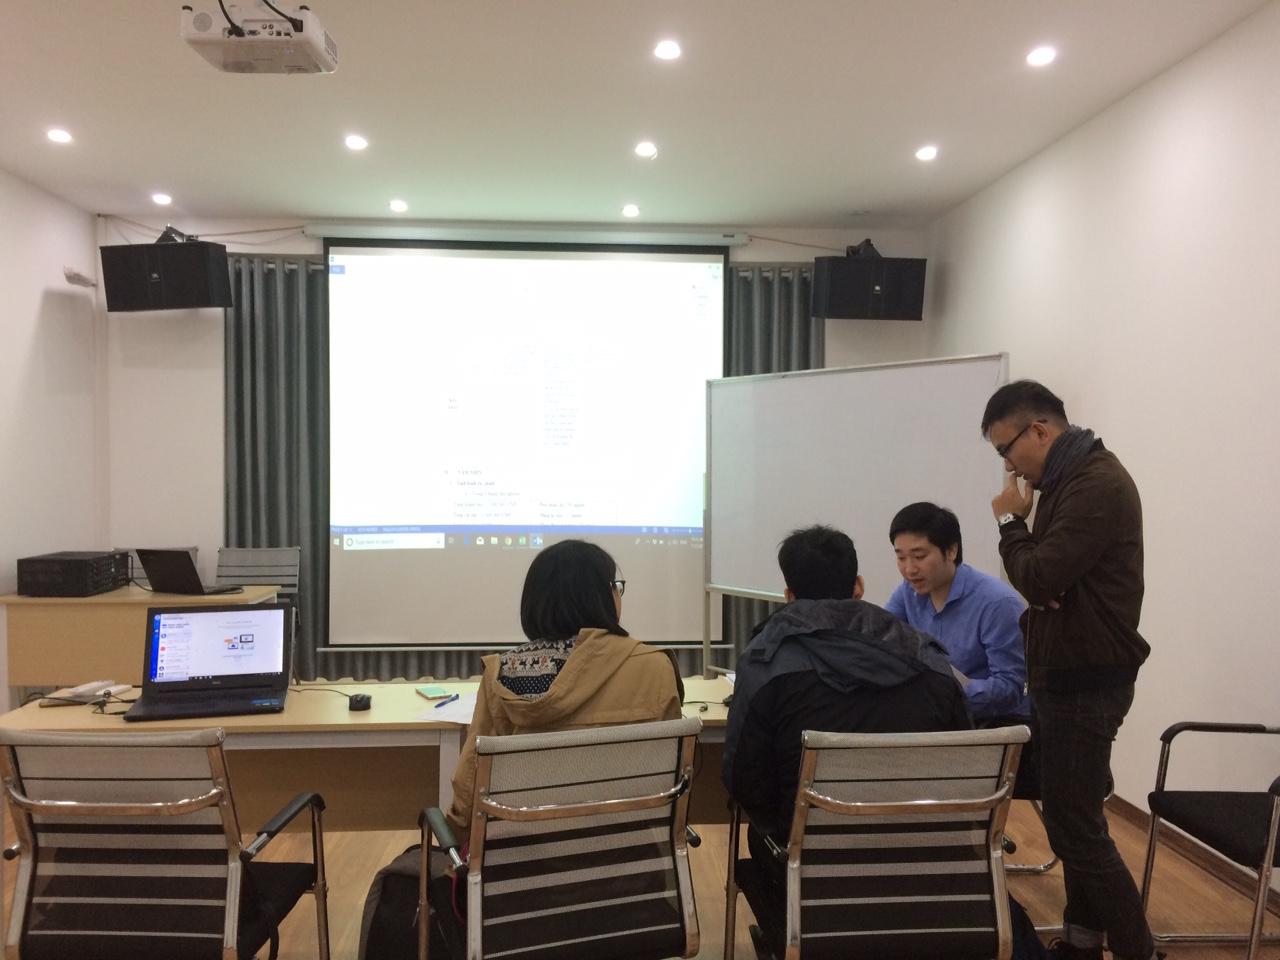 Với sự hướng dẫn tận tình của CEO Đỗ Mạnh Hùng, chúng ta cùng chờ đón sự bứt phá của hai đội chơi.